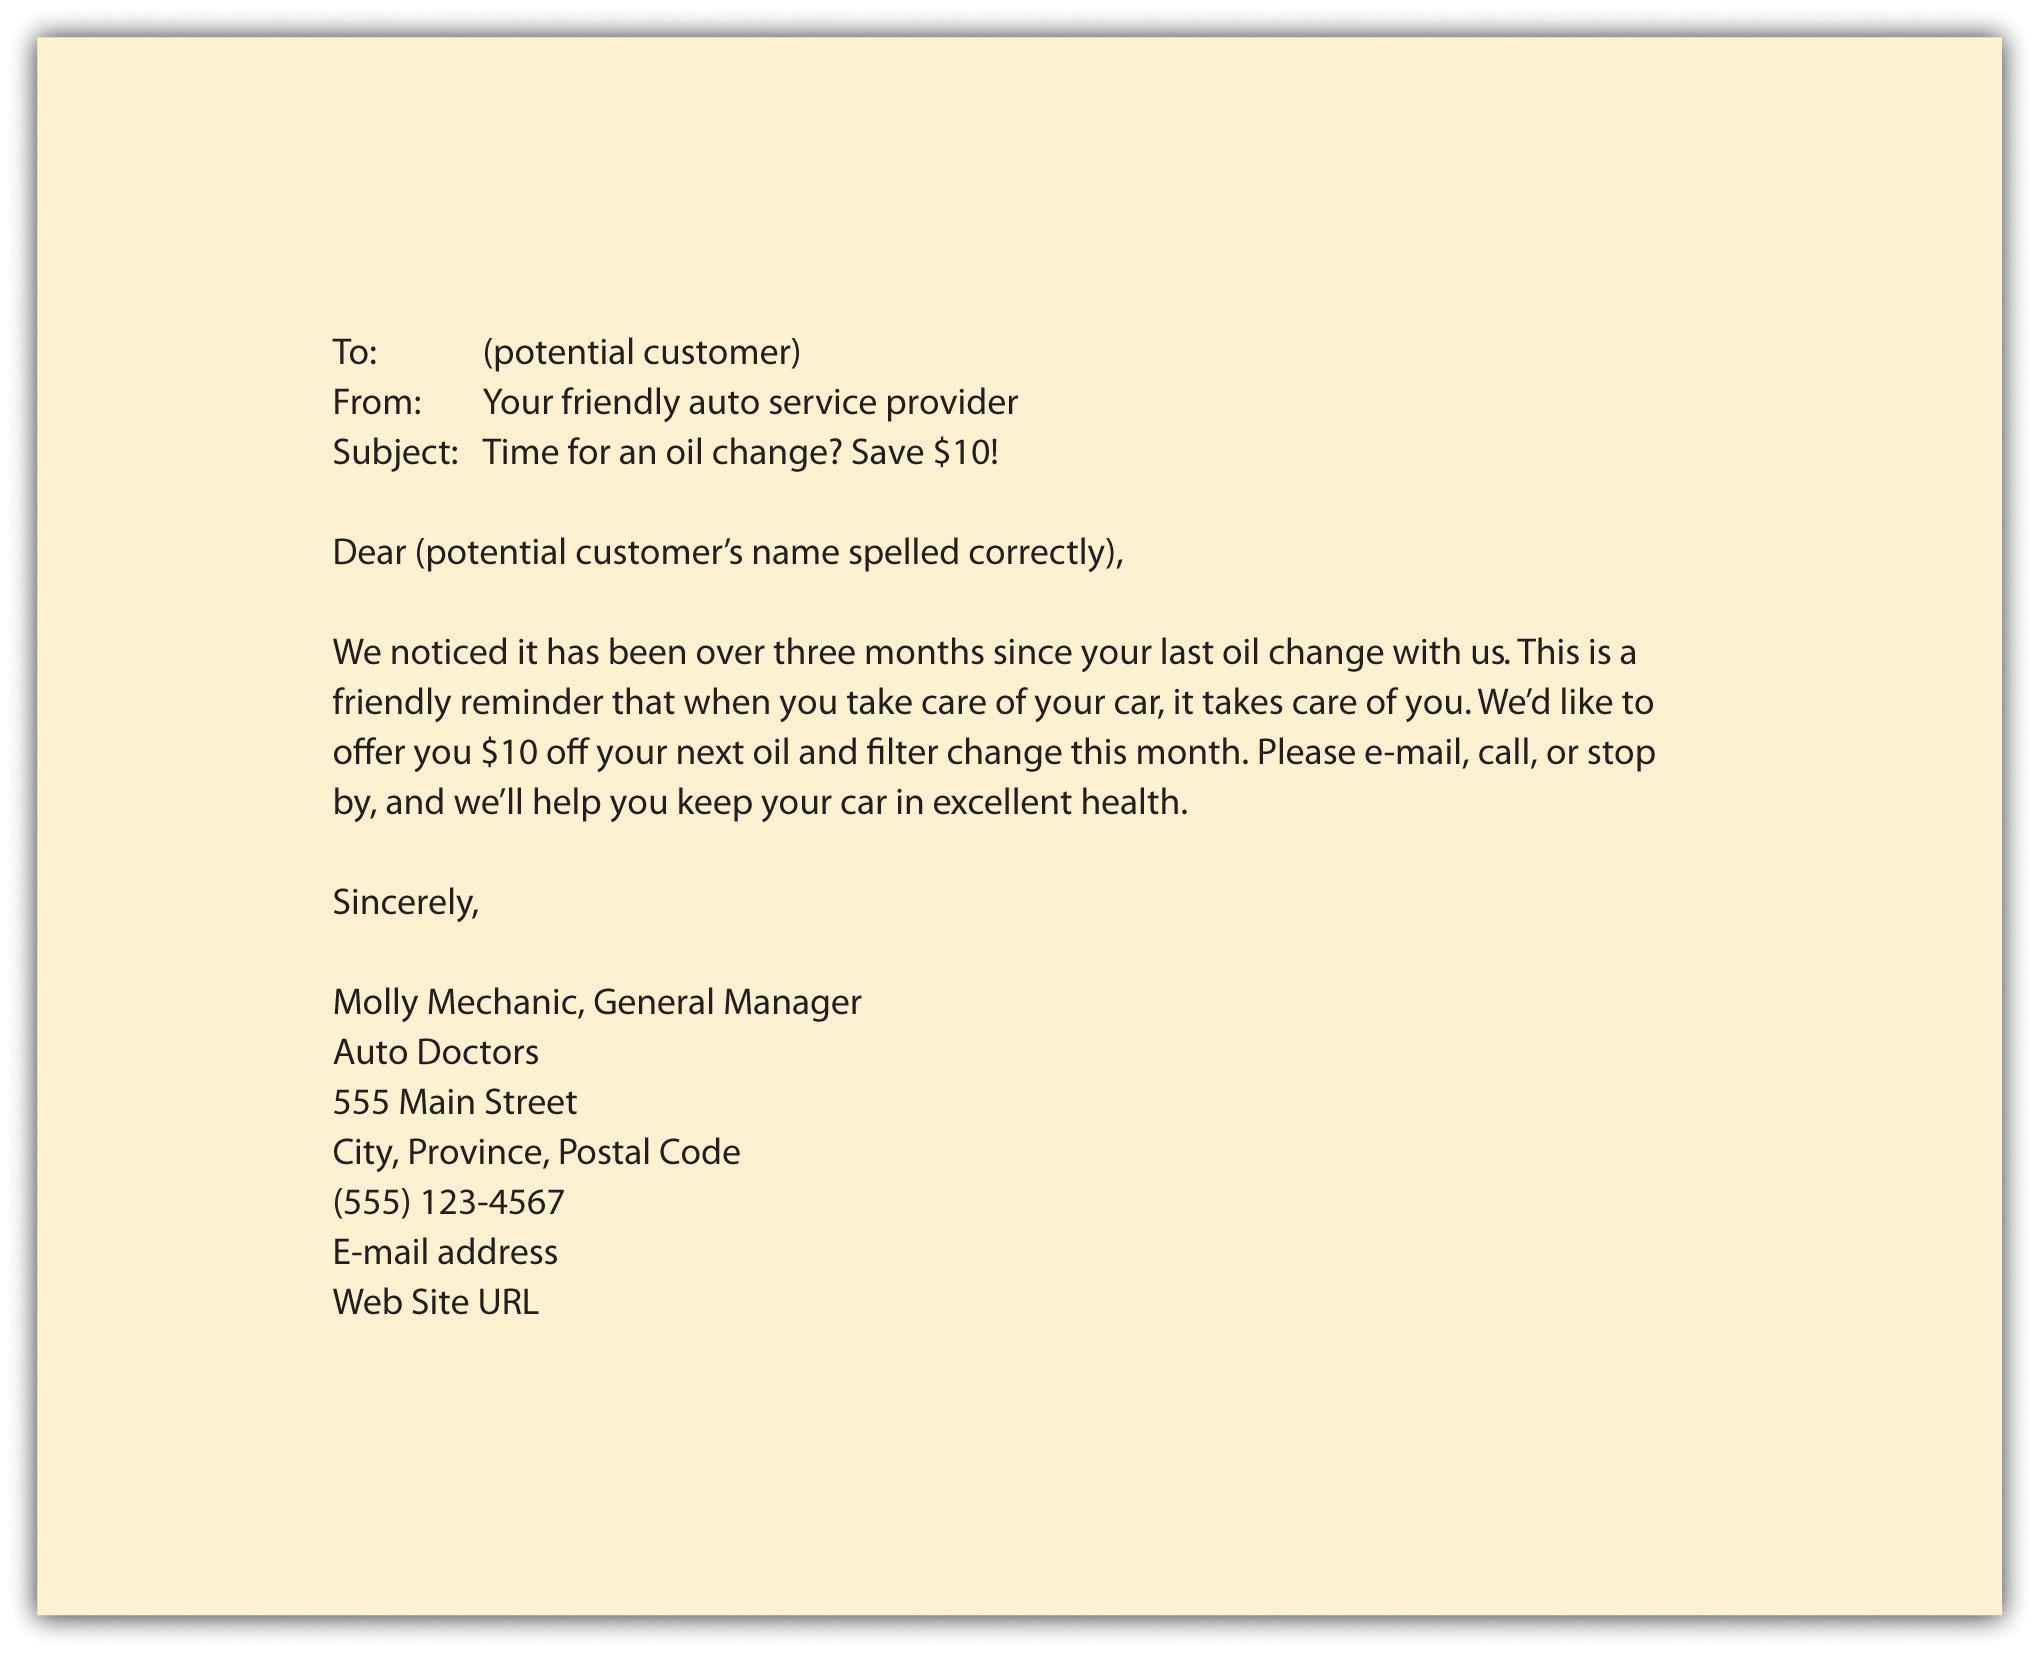 Sample Sales Promotion Letter Marketing – Sales Promotion Letter Examples